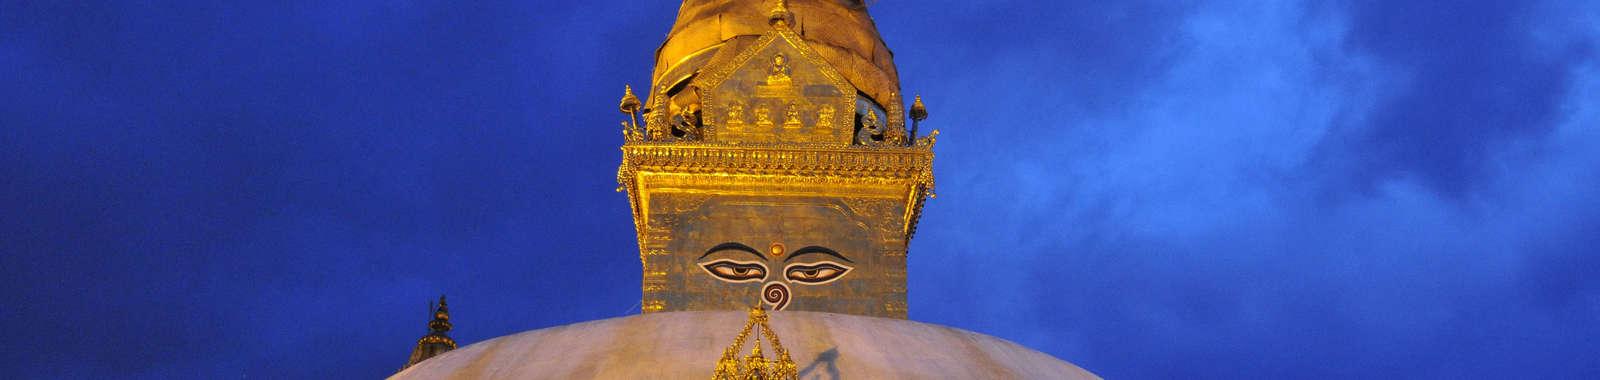 dreamstime_xxl_48334417_Swayambunath_Stupa,Kathmandu